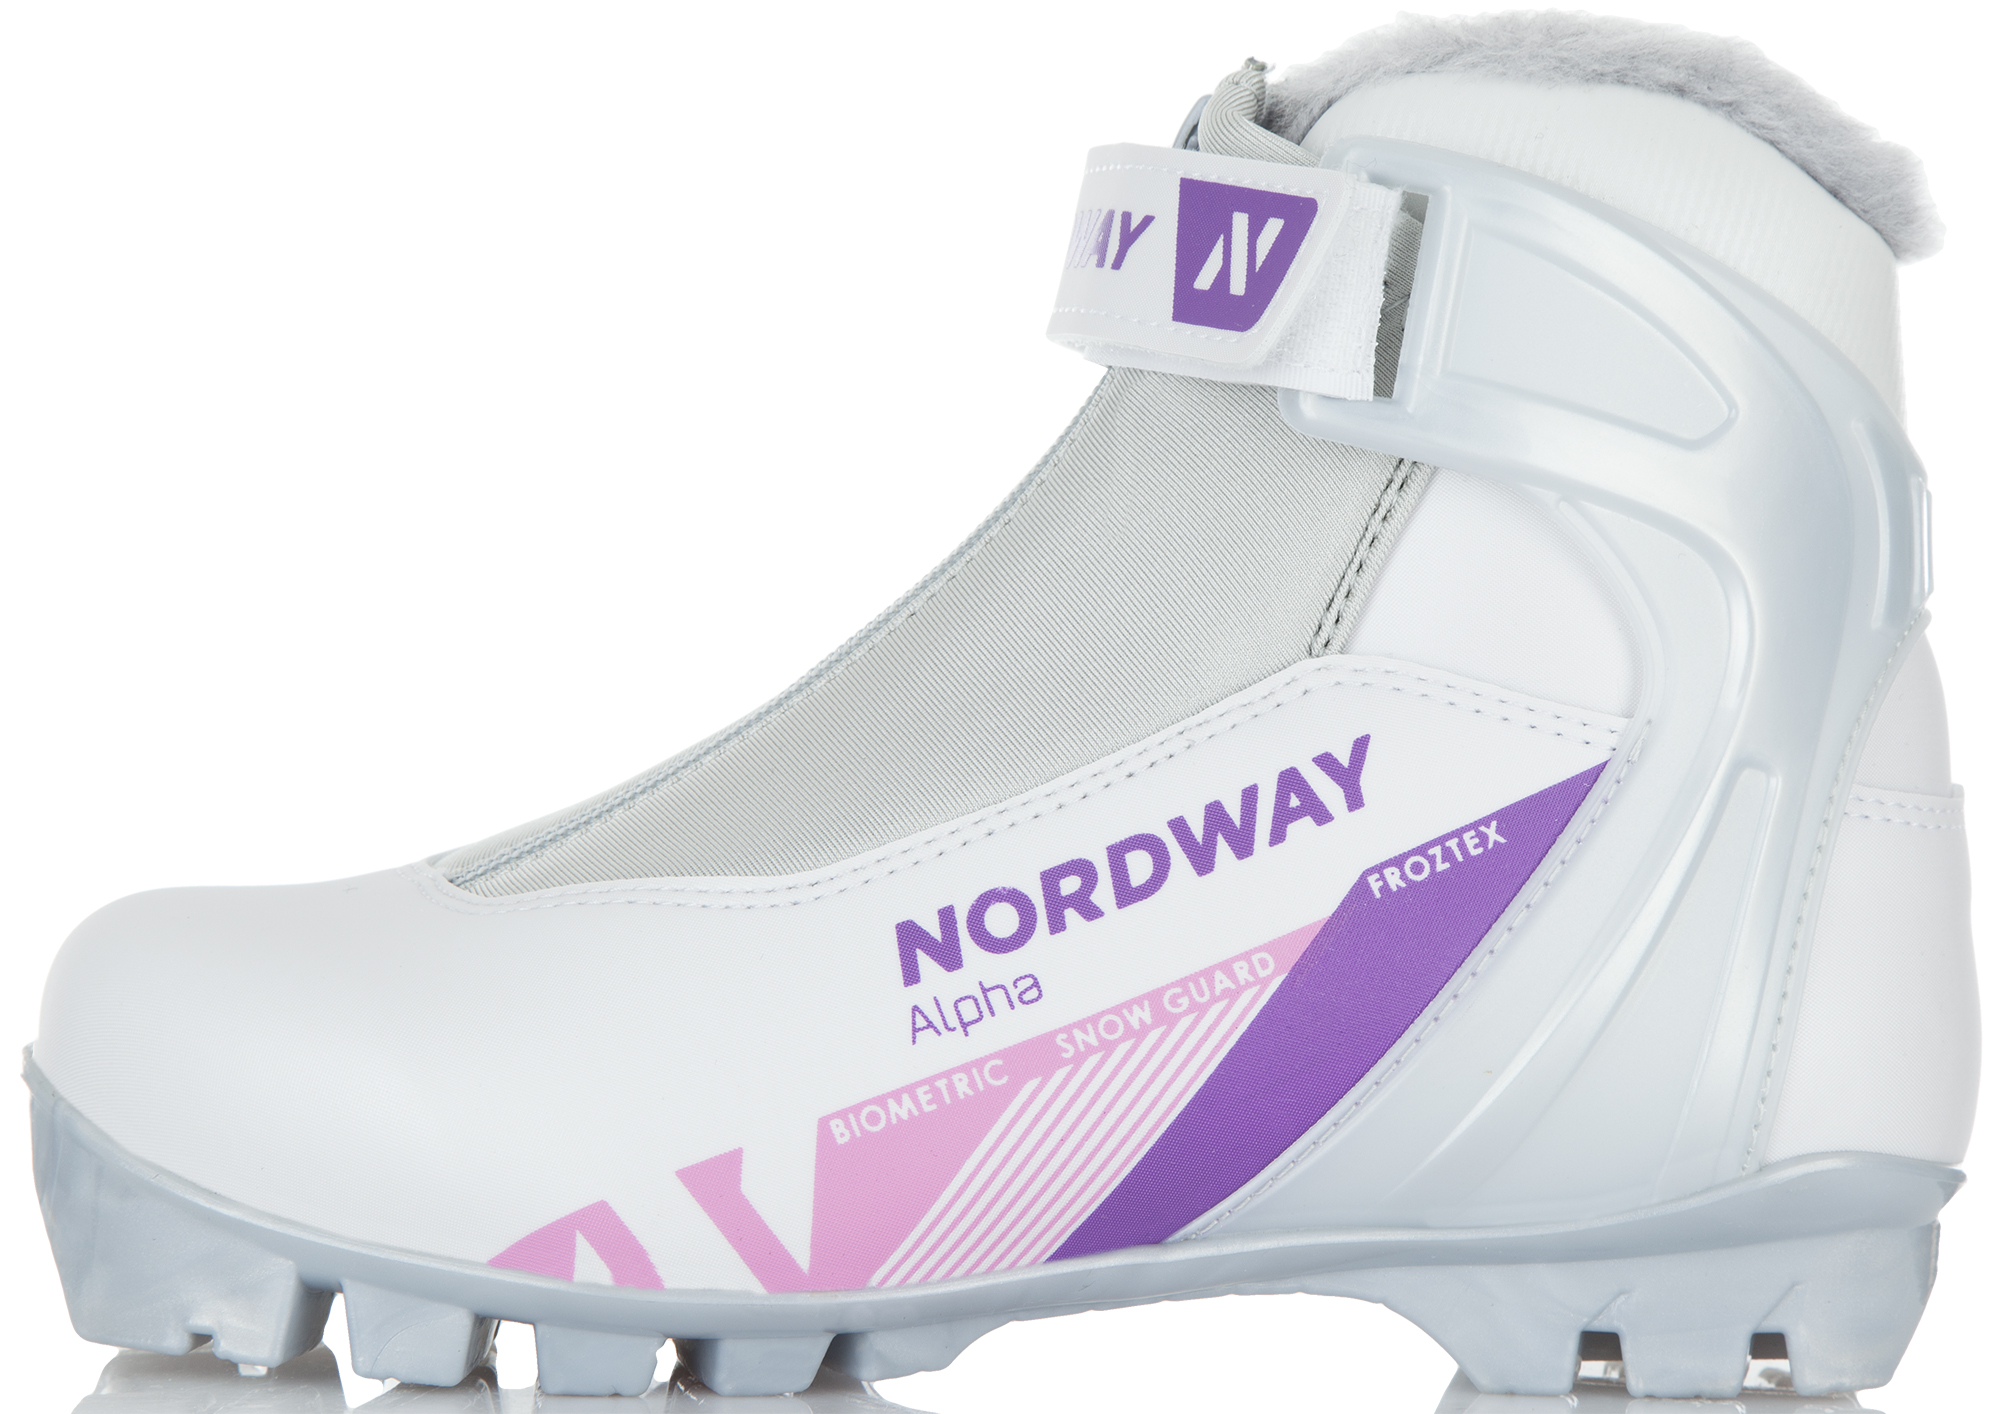 Nordway Ботинки для беговых лыж женские Nordway Alpha nordway липучки для беговых лыж nordway